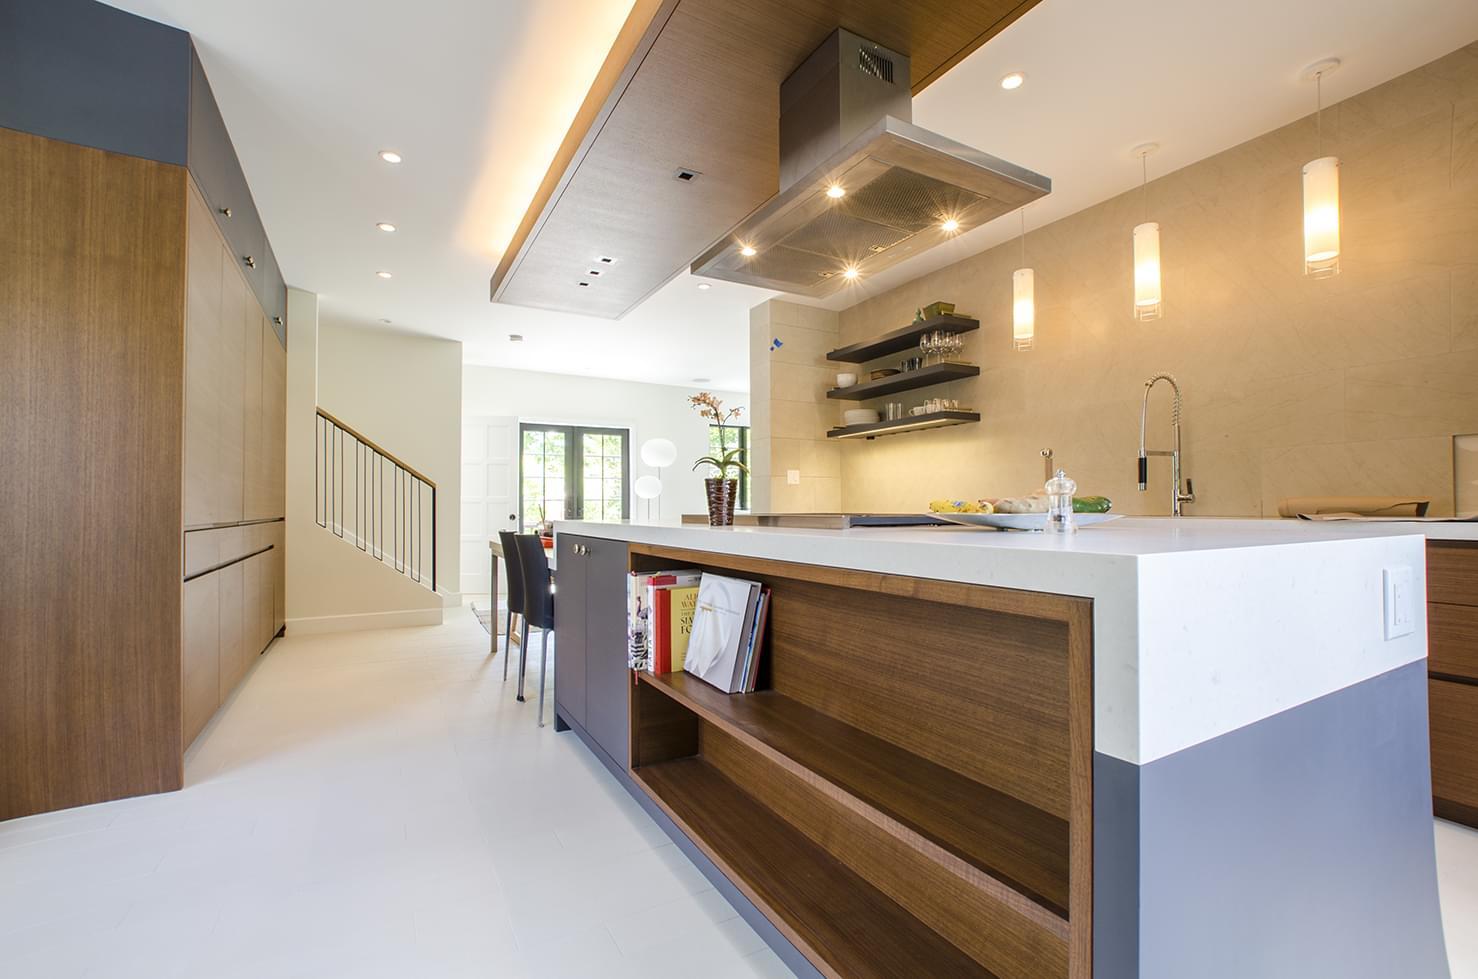 38 Clements Kitchen.jpg